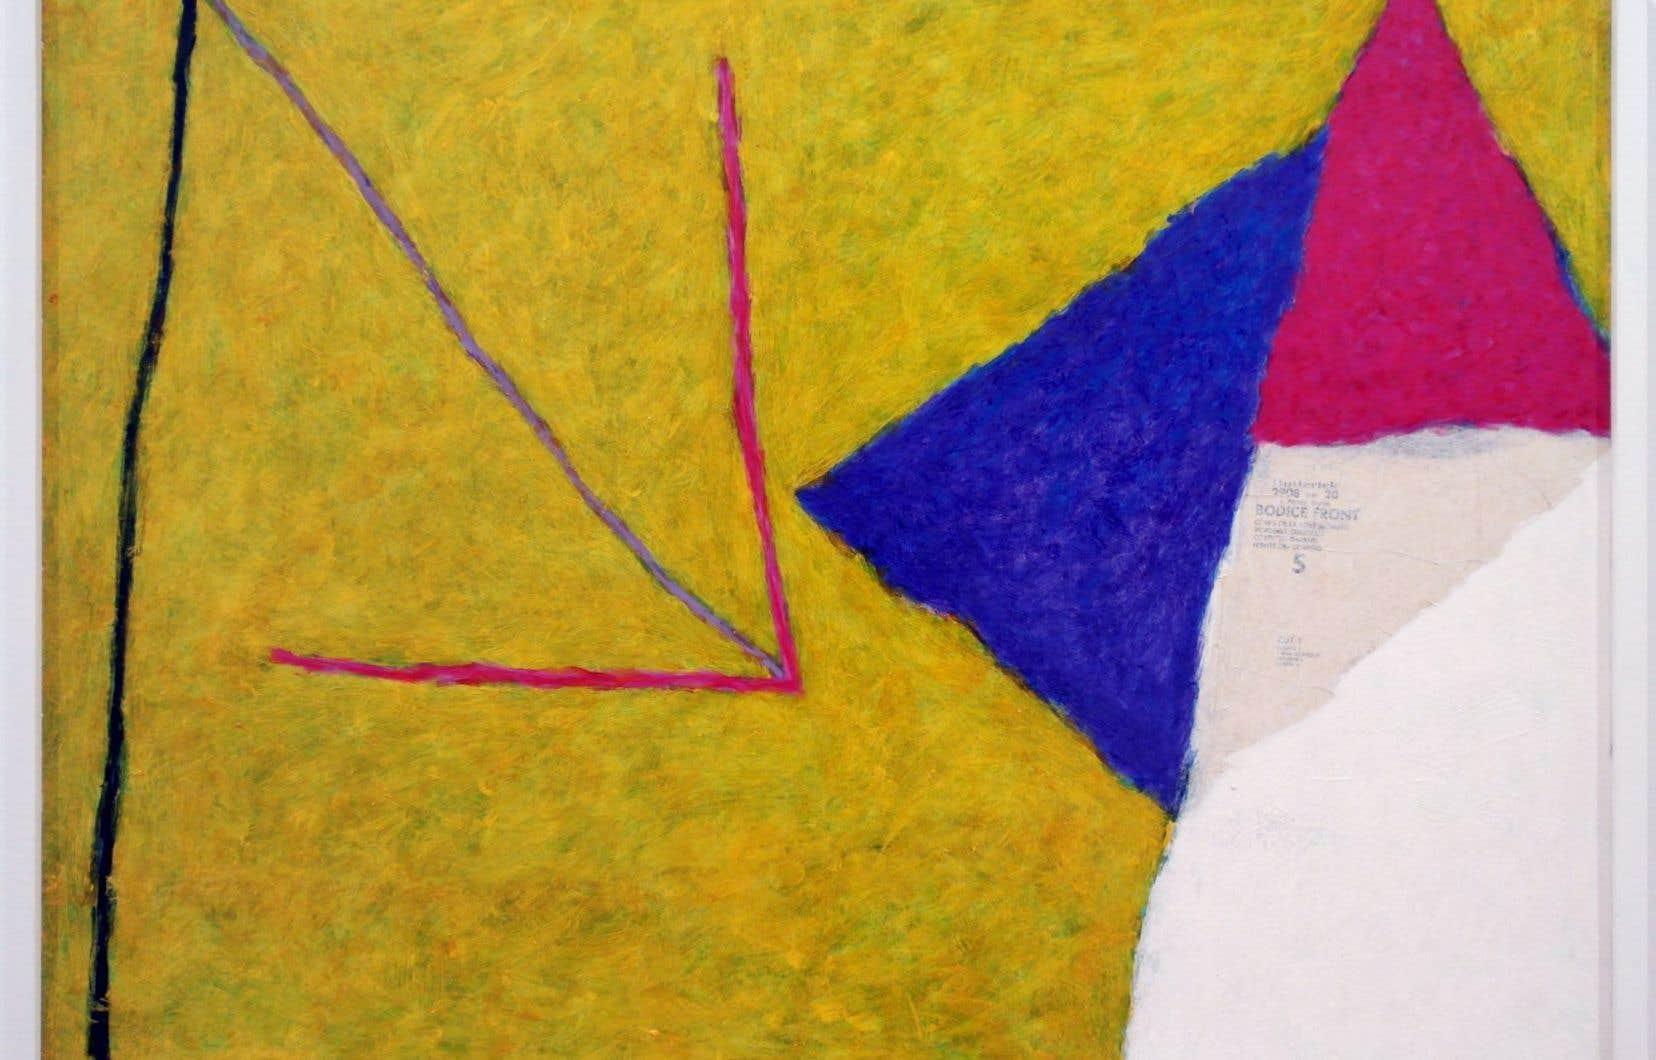 Robert Wolfe, Couvre-feu. L'exposition consacrée à l'artiste est un survol découpé en cinq sous-thèmes.